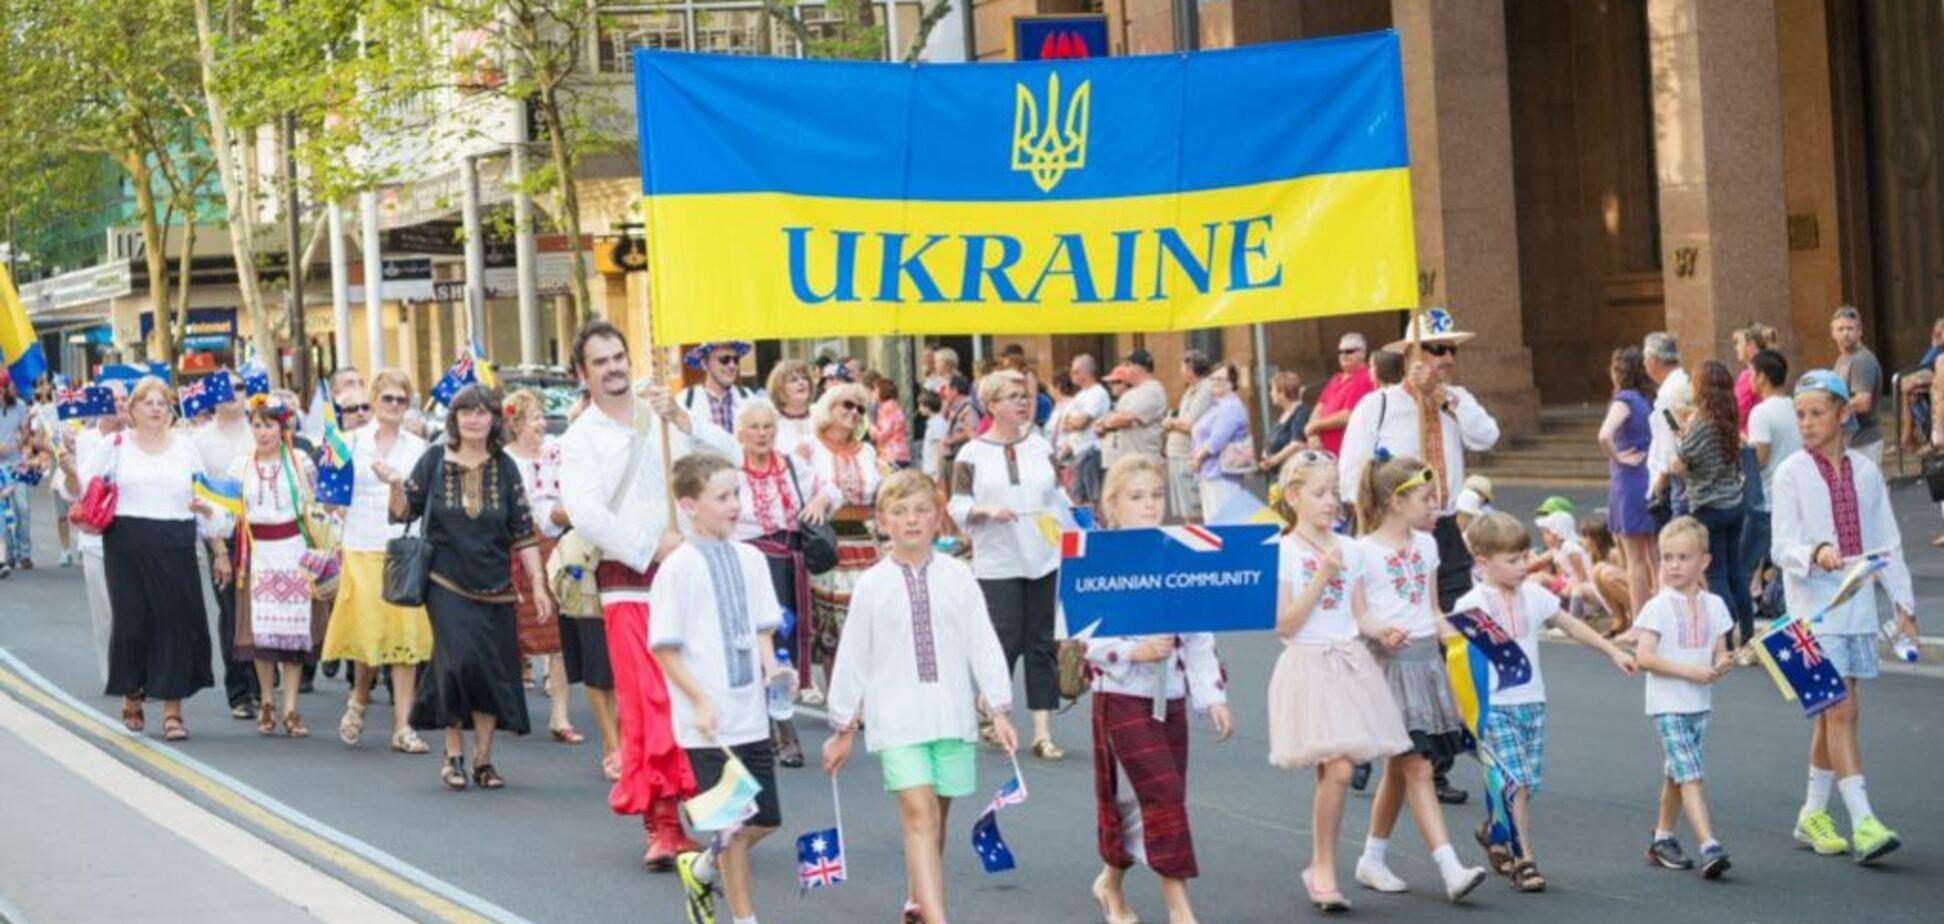 20 млн на чужбине: как Украина собралась остановить катастрофу